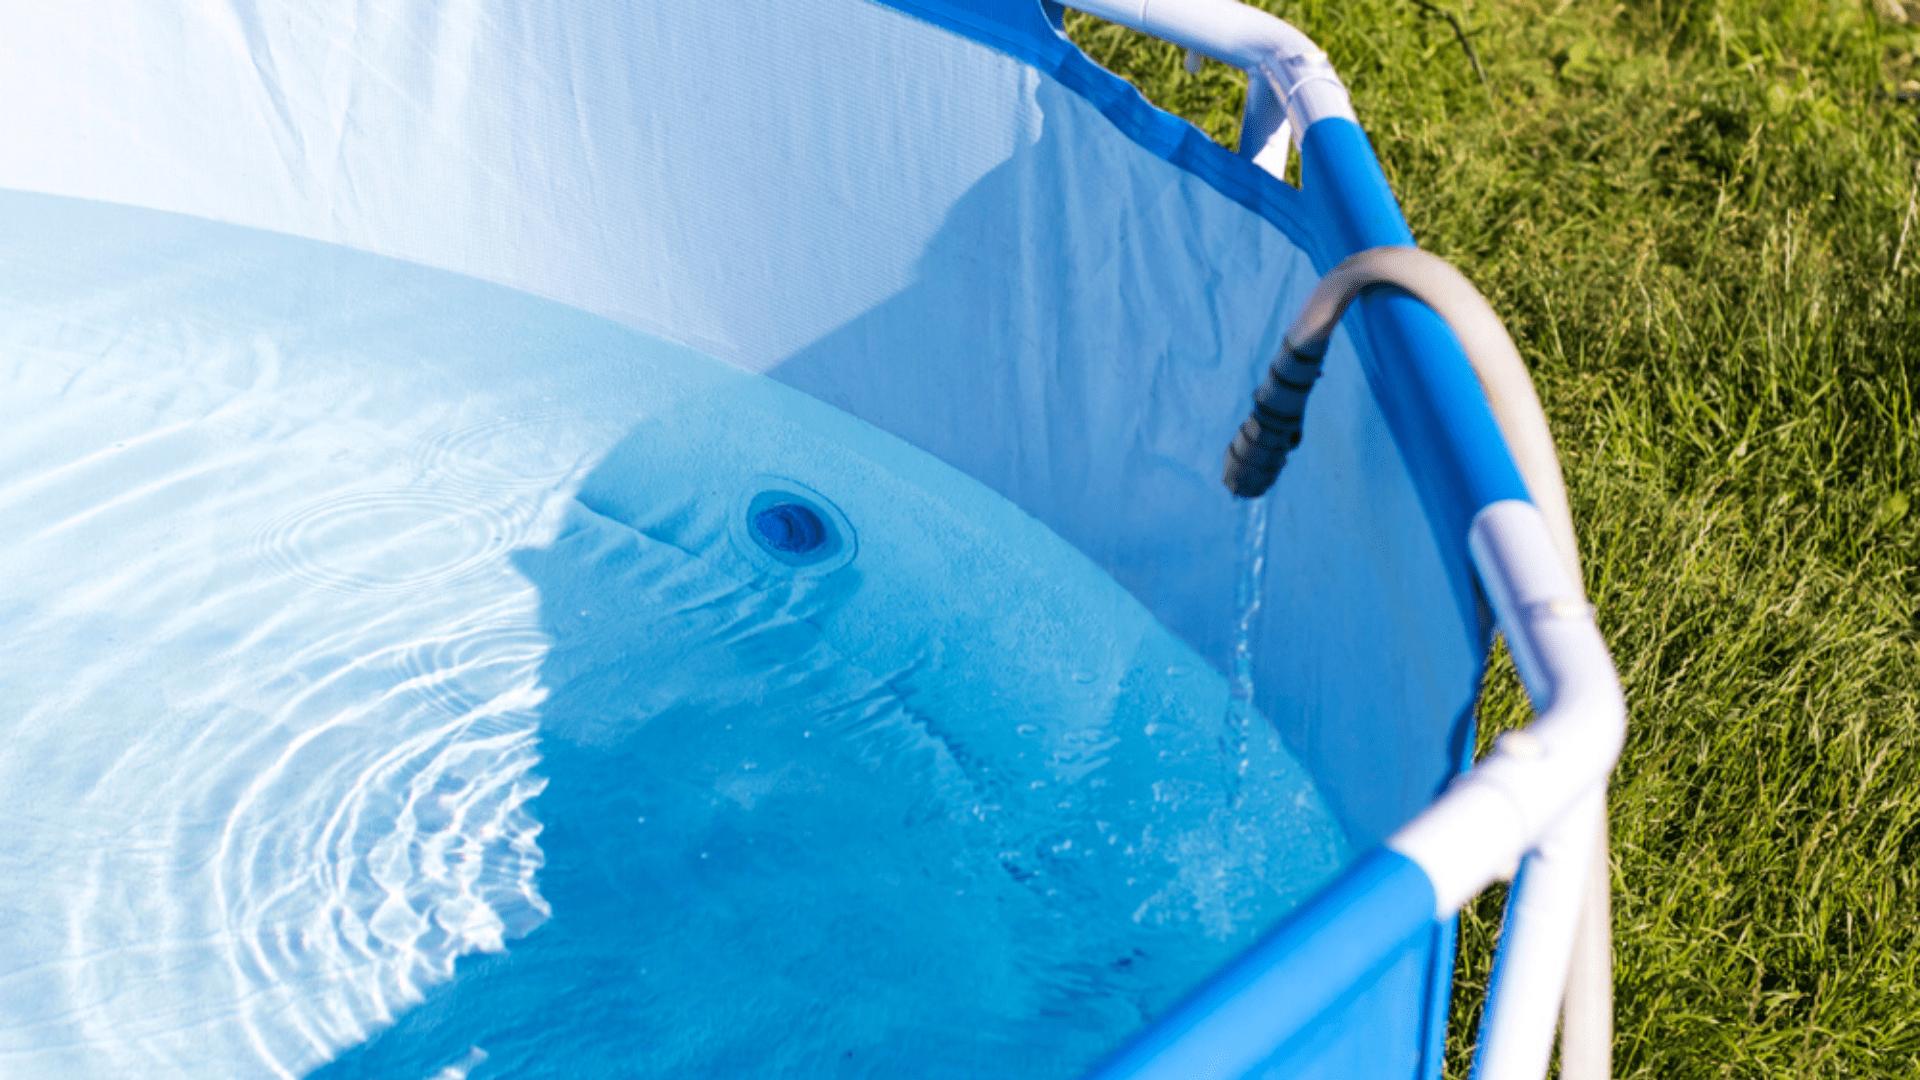 O material da armação da piscina deve ser resistente (Imagem: Reprodução/Shutterstock)